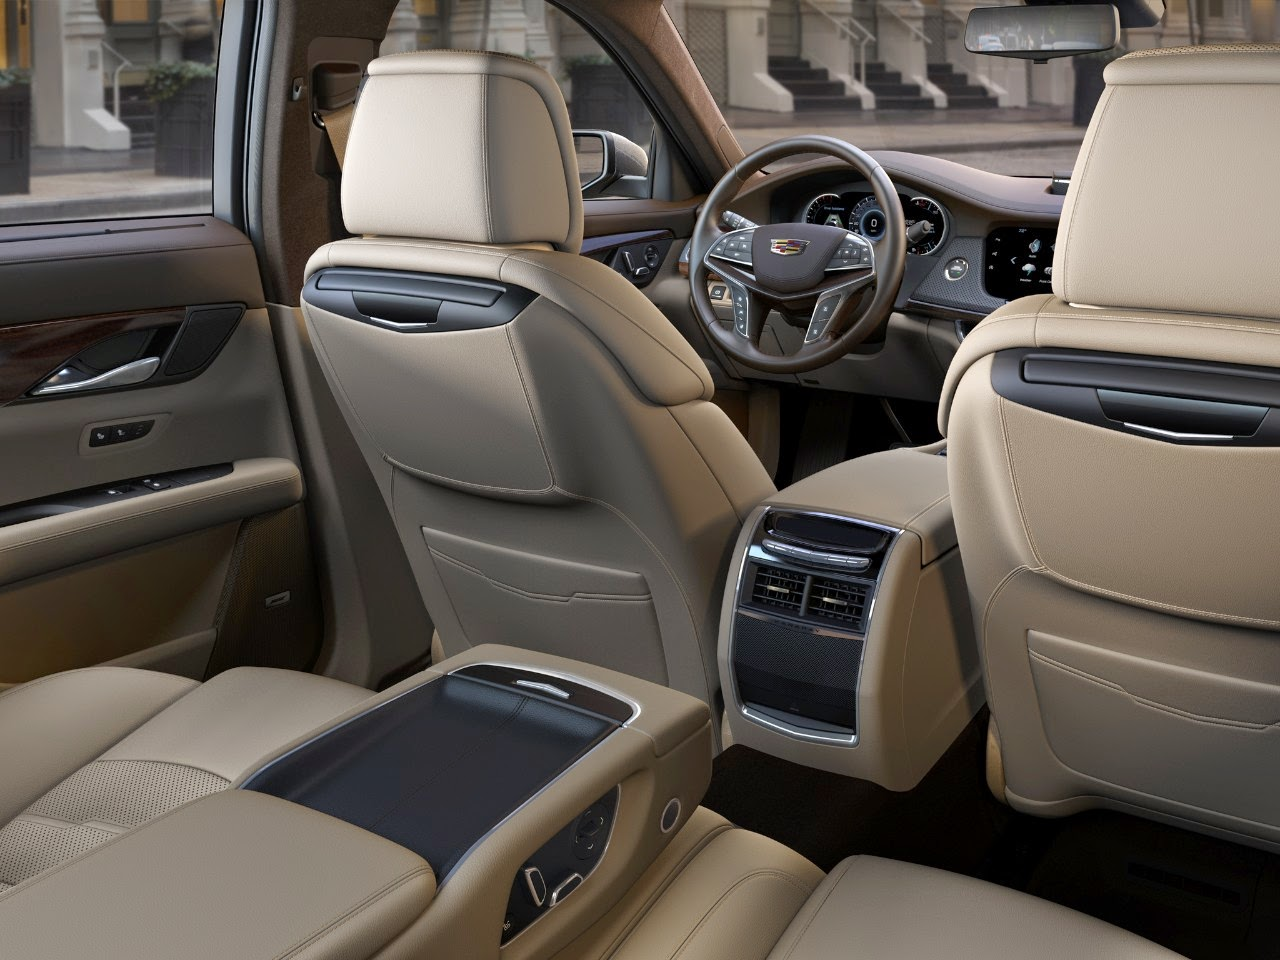 2016 Chevrolet Malibu Reviews Hybrid 6 Car Interior Design